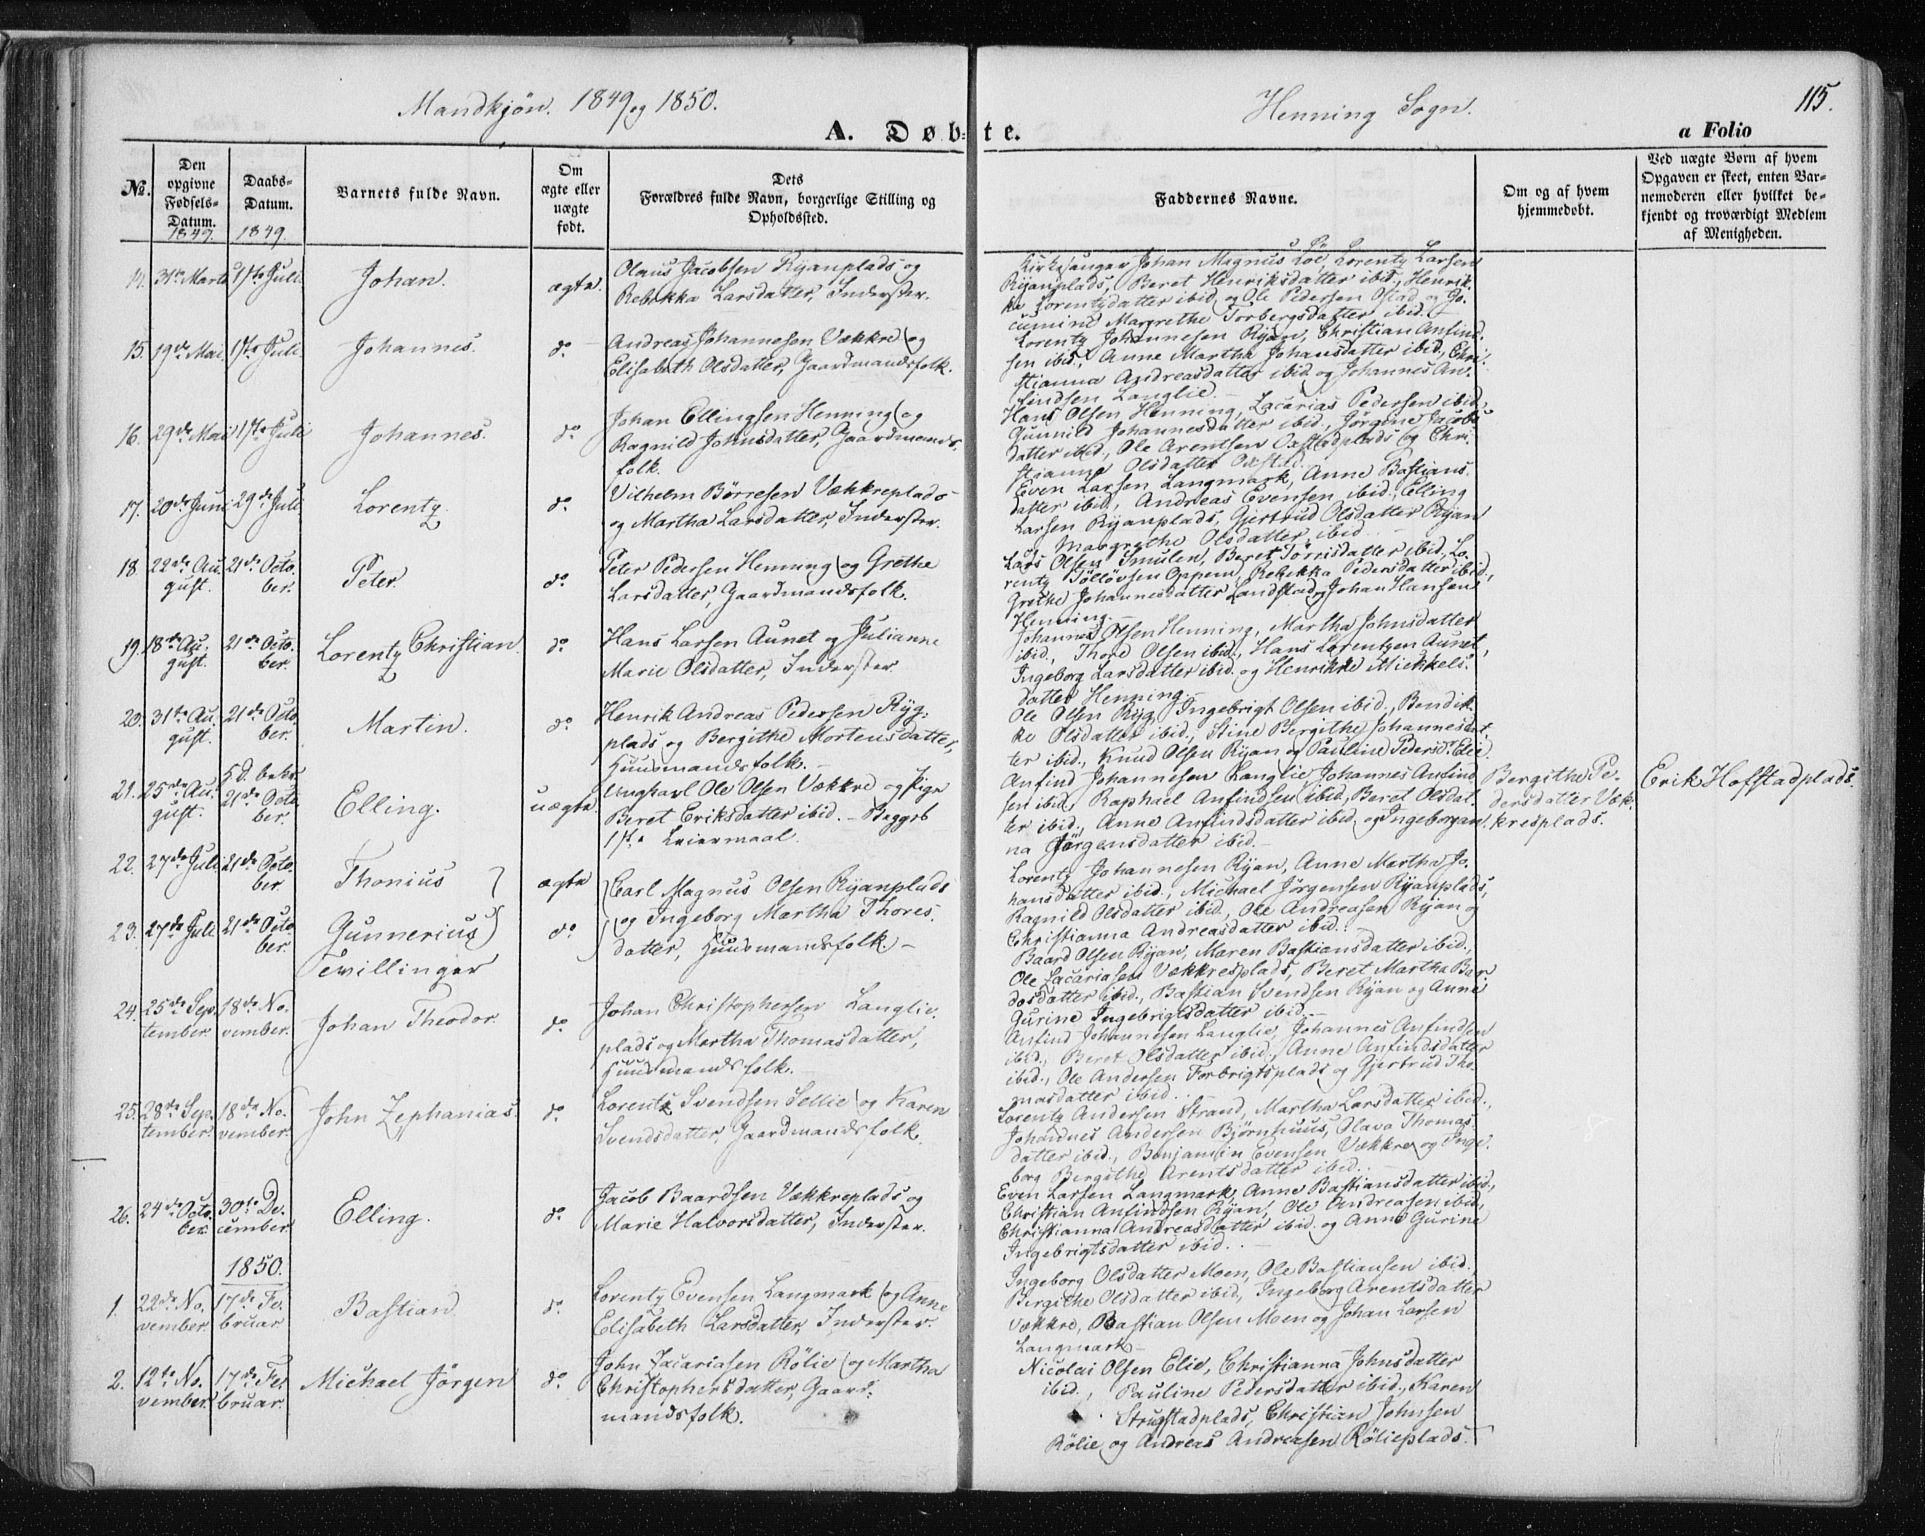 SAT, Ministerialprotokoller, klokkerbøker og fødselsregistre - Nord-Trøndelag, 735/L0342: Ministerialbok nr. 735A07 /3, 1849-1862, s. 115